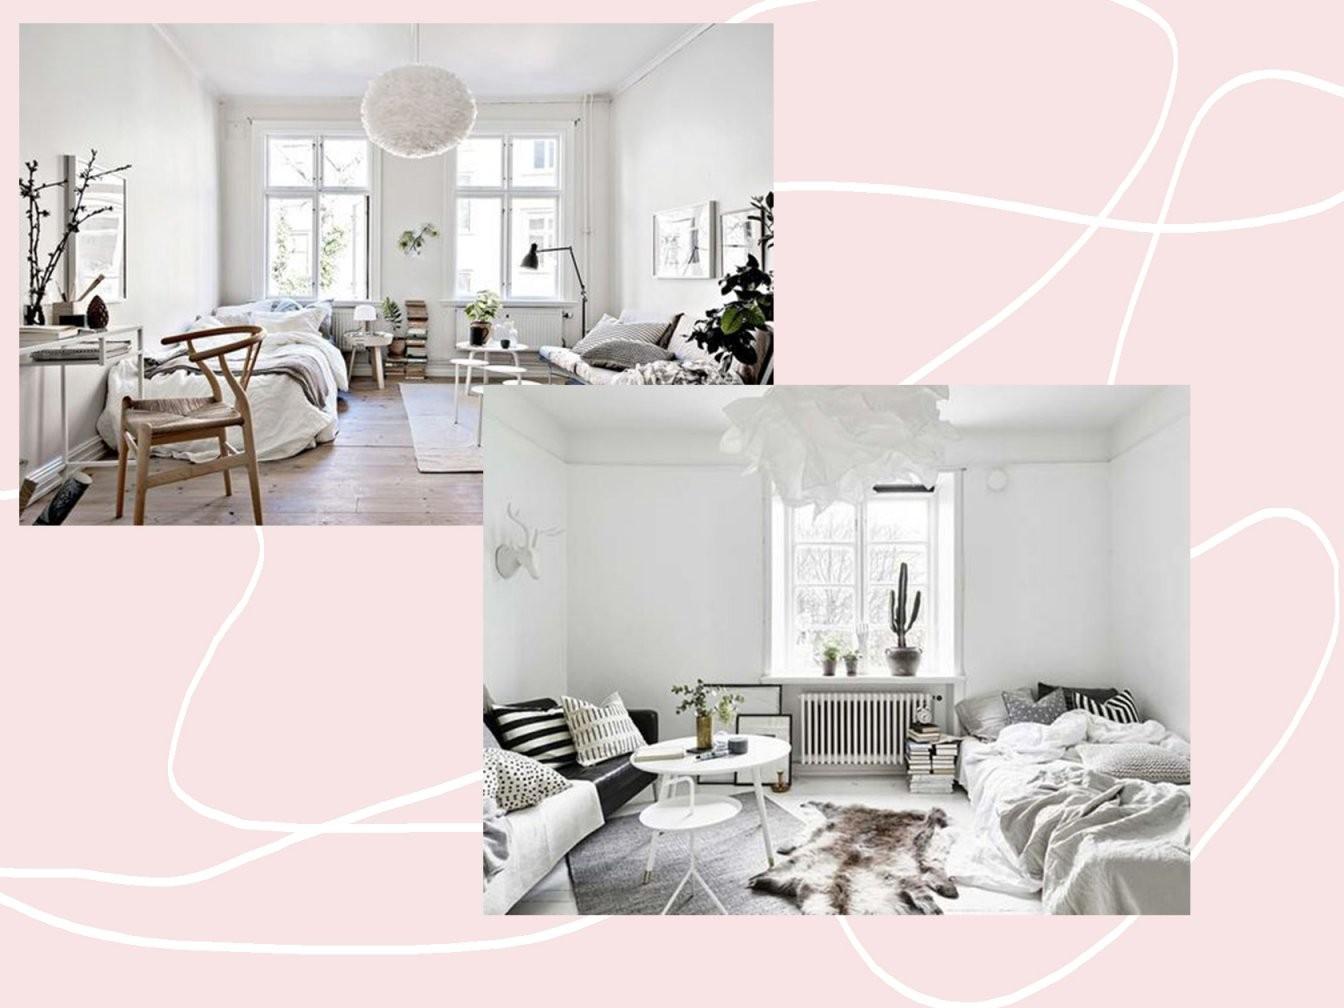 1 Zimmer Wohnung Einrichten 3 Tricks Mit Großer Wirkung  Minuscule von 1 Zimmer Wohnung Dekorieren Photo